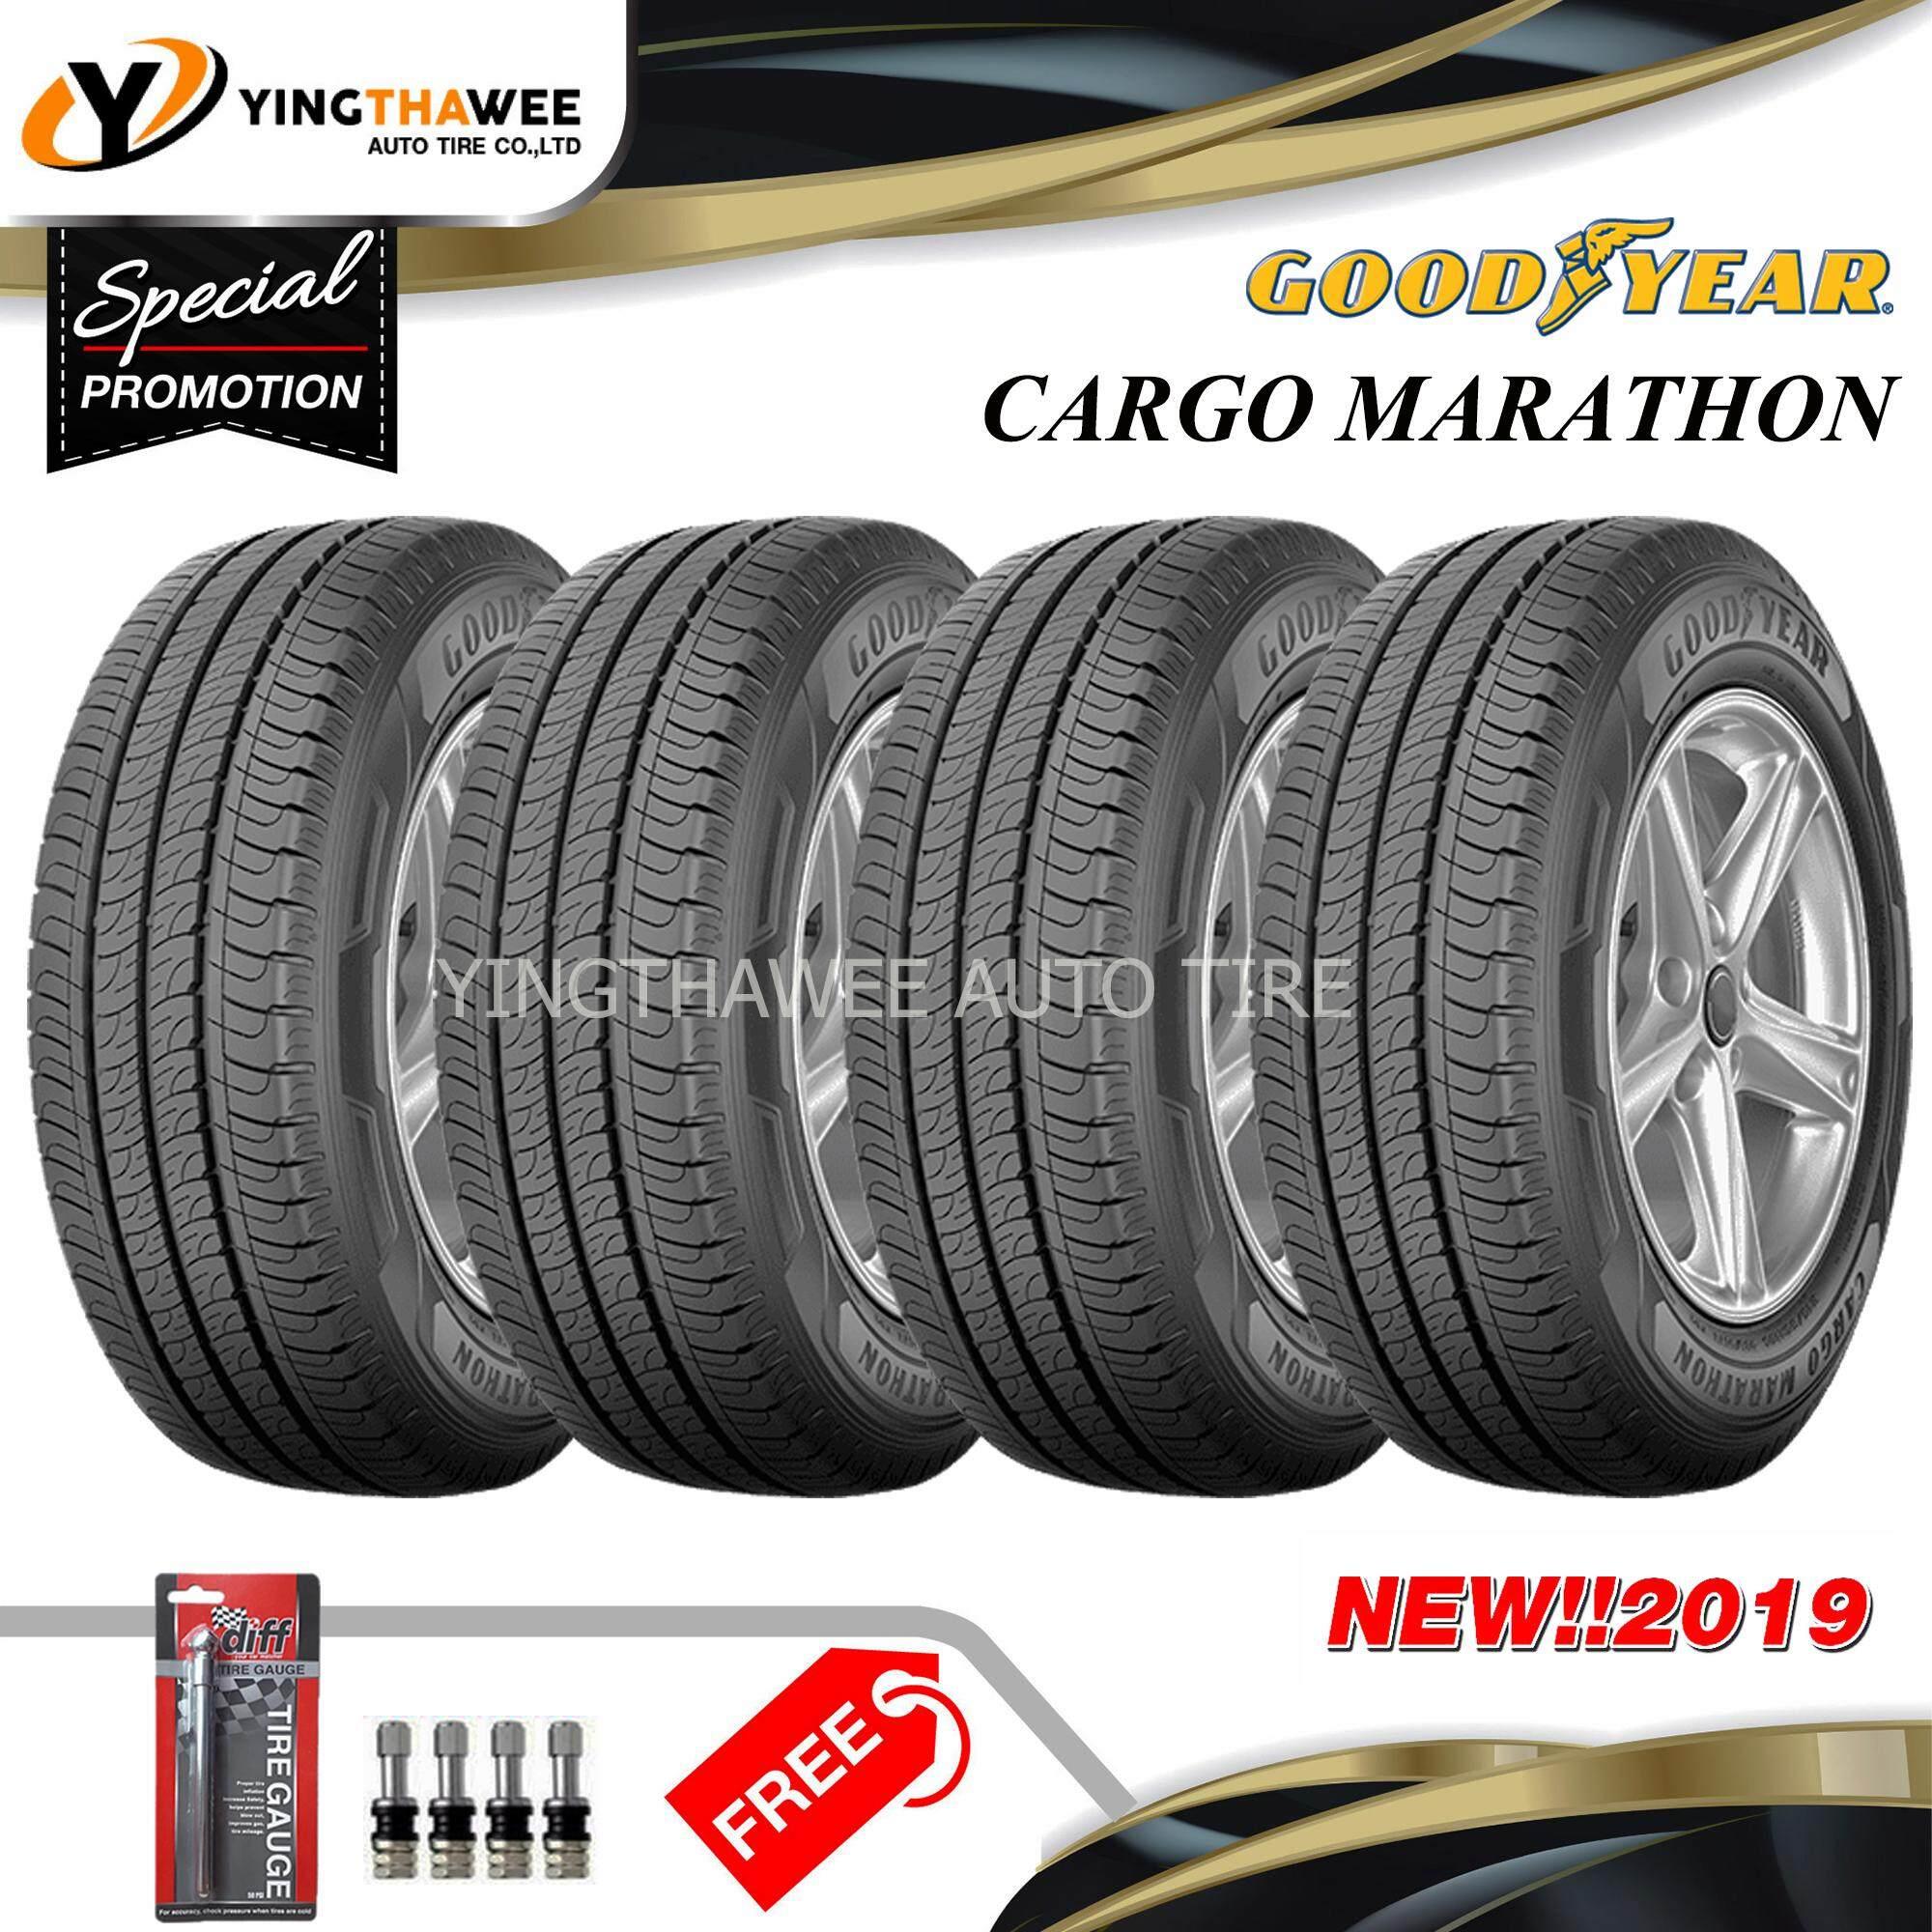 ประกันภัย รถยนต์ 3 พลัส ราคา ถูก ชัยนาท GOODYEAR ยางรถยนต์ 215/70R16 รุ่น CARGO MARATHON  4 เส้น (ปี 2019) แถมจุ๊บเหล็กแท้ 4 ตัว + เกจวัดลมยาง 1 ตัว